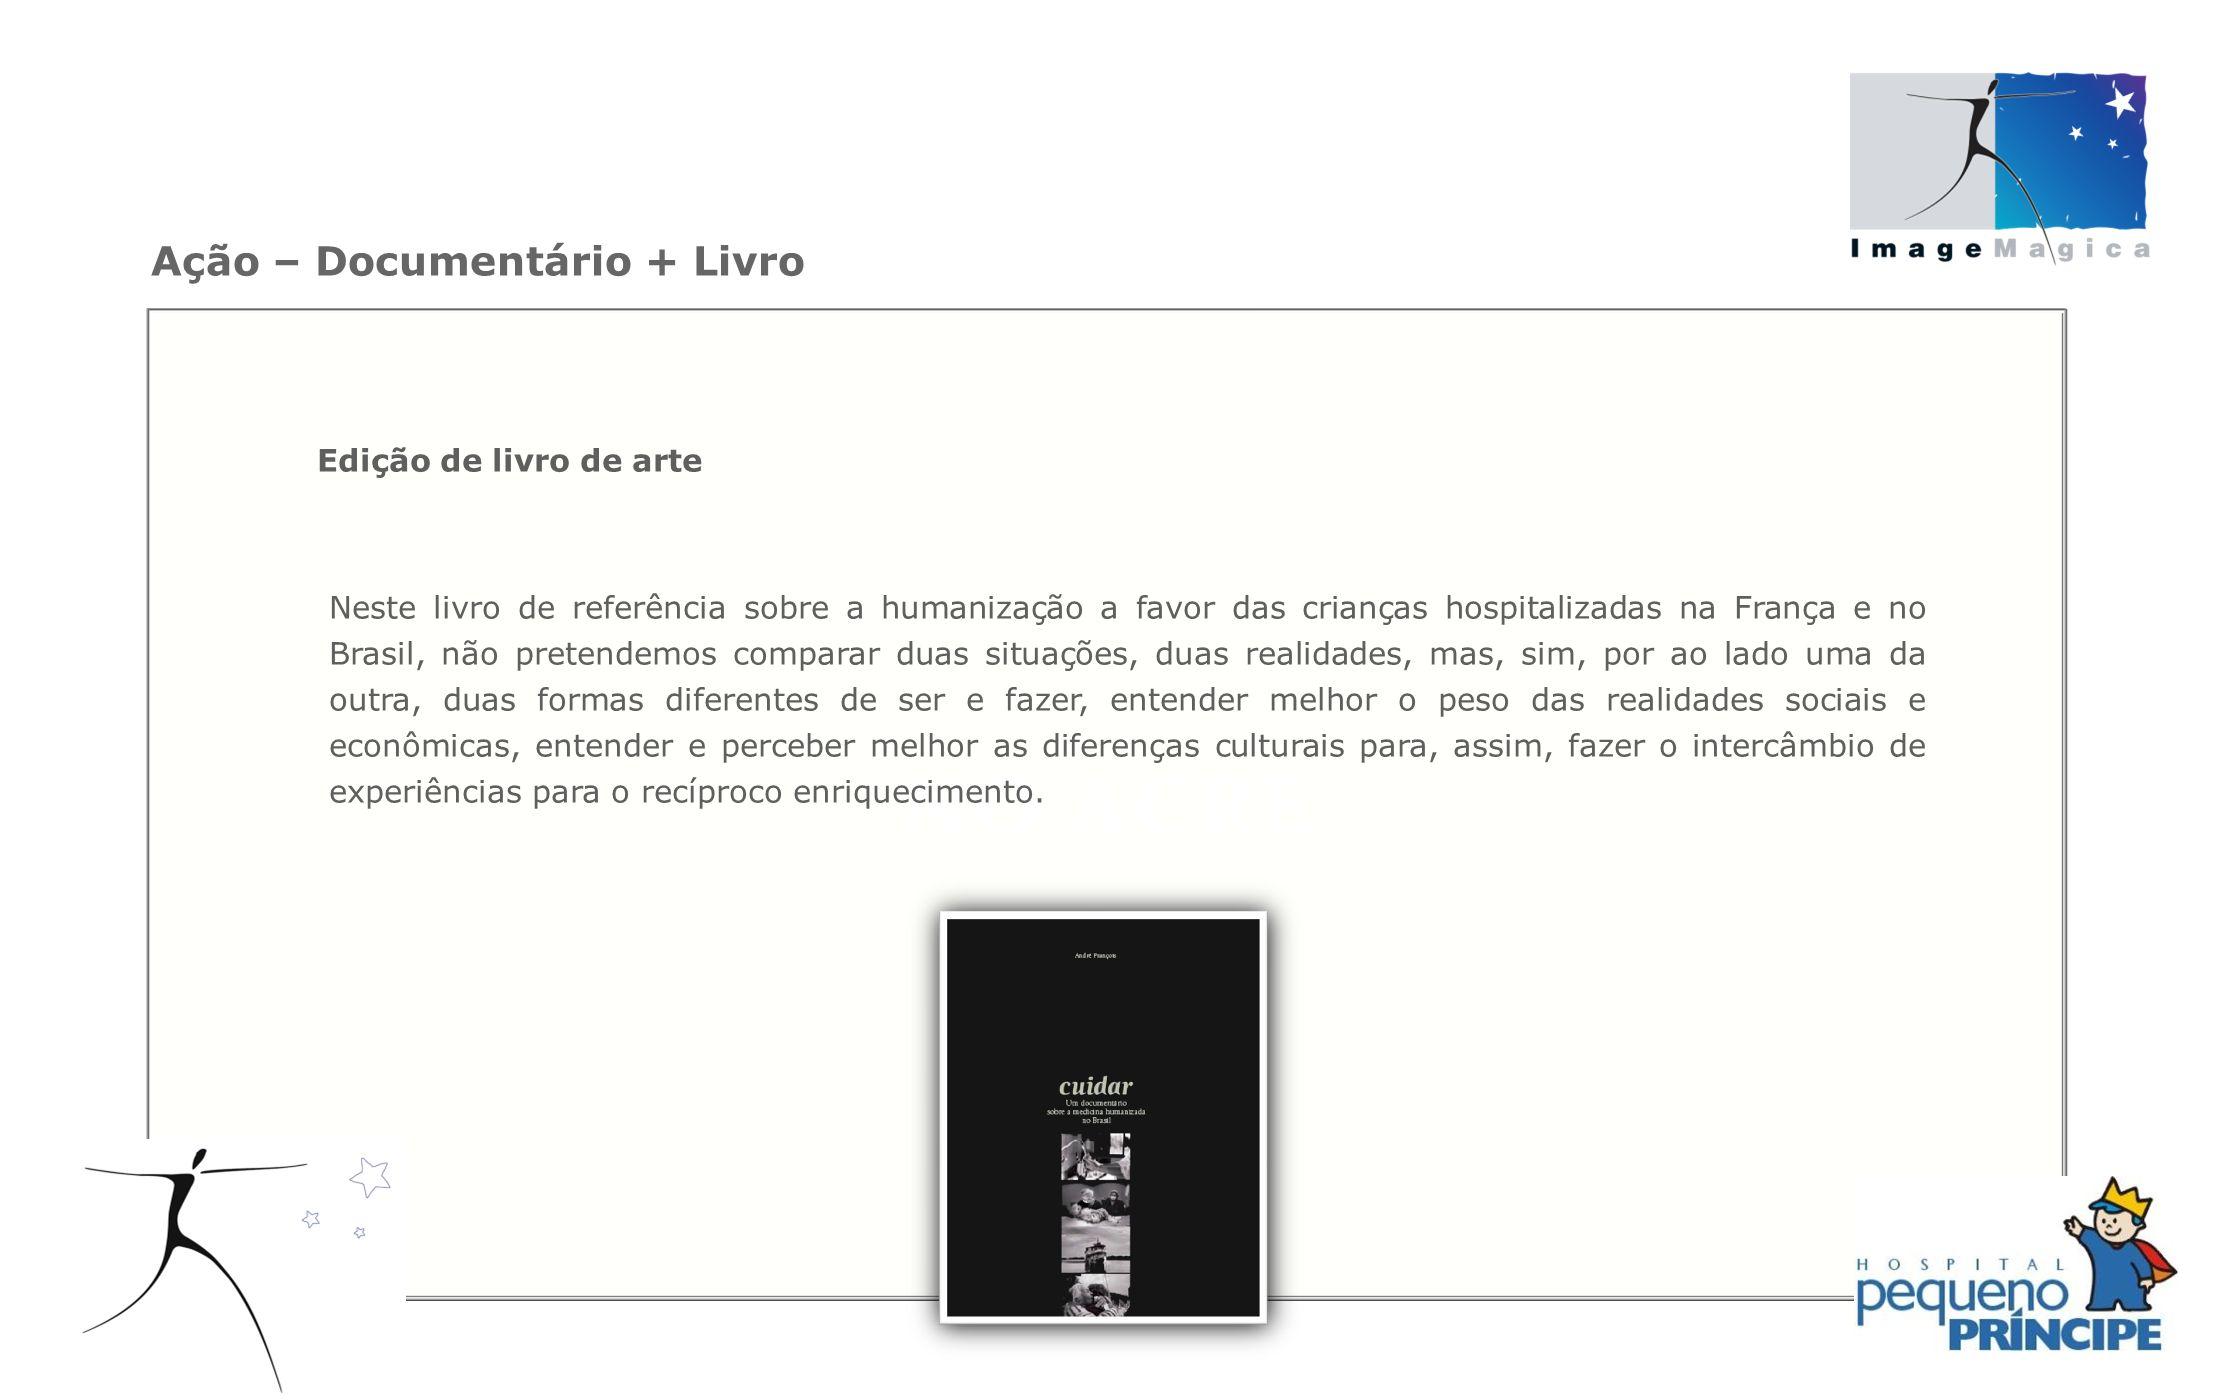 Edição de livro de arte Neste livro de referência sobre a humanização a favor das crianças hospitalizadas na França e no Brasil, não pretendemos compa